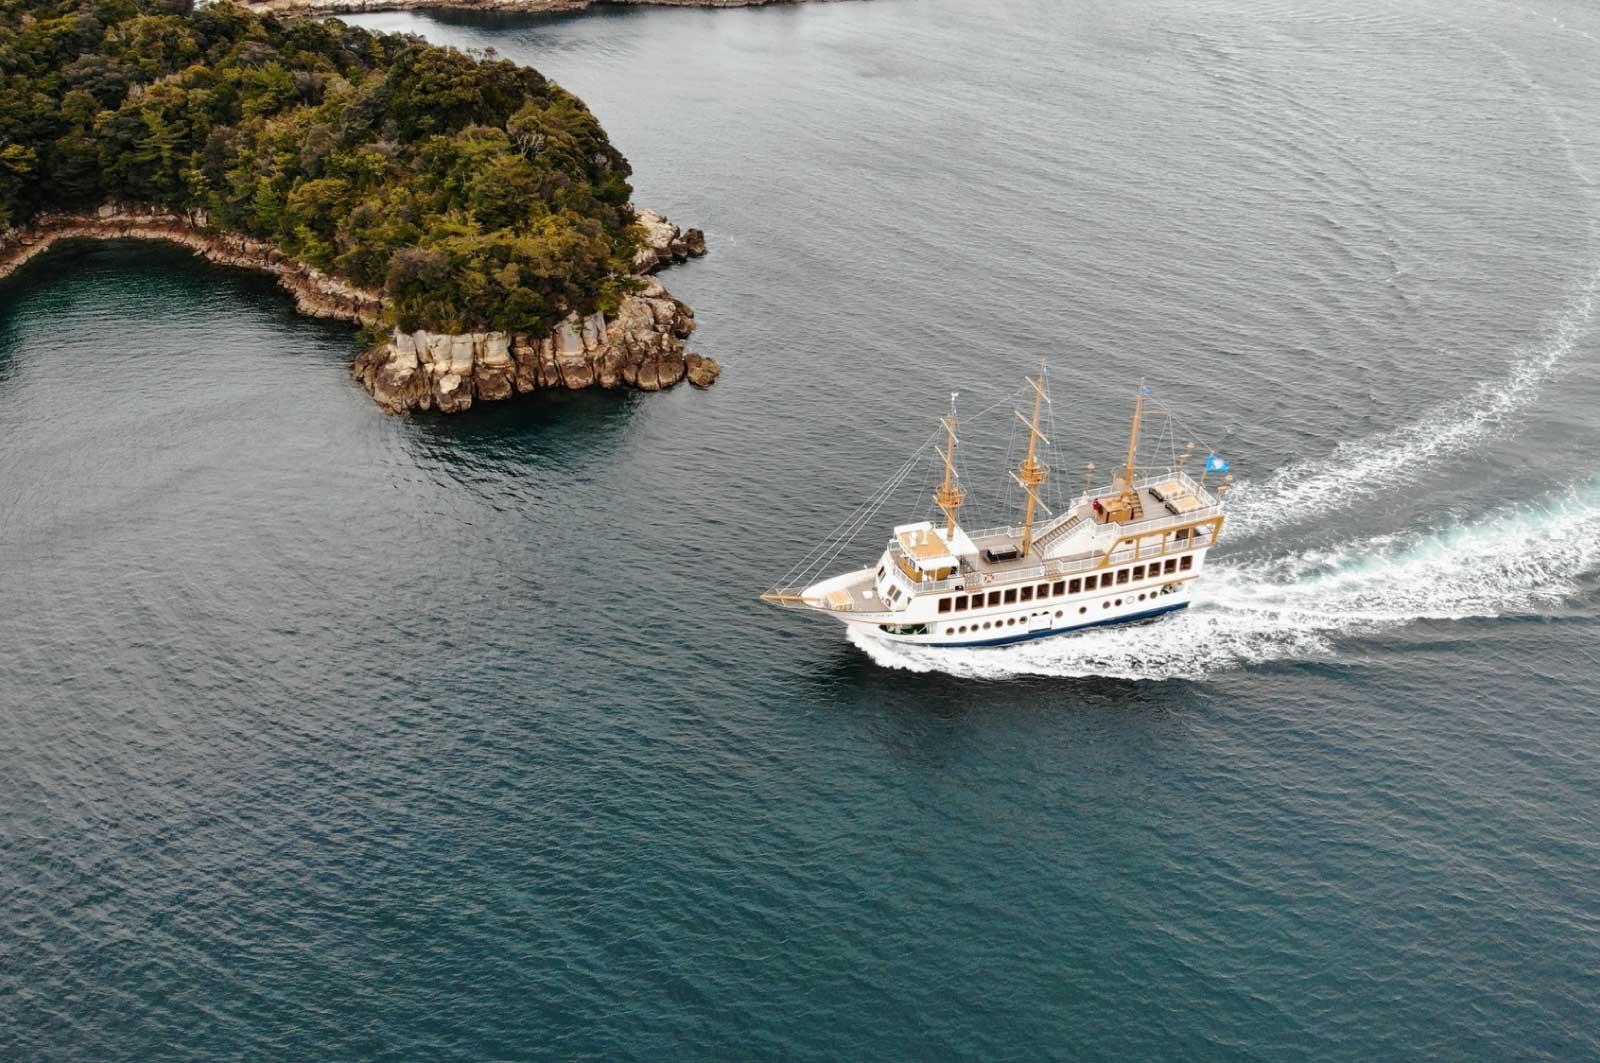 クルーズする遊覧船クイーンパール